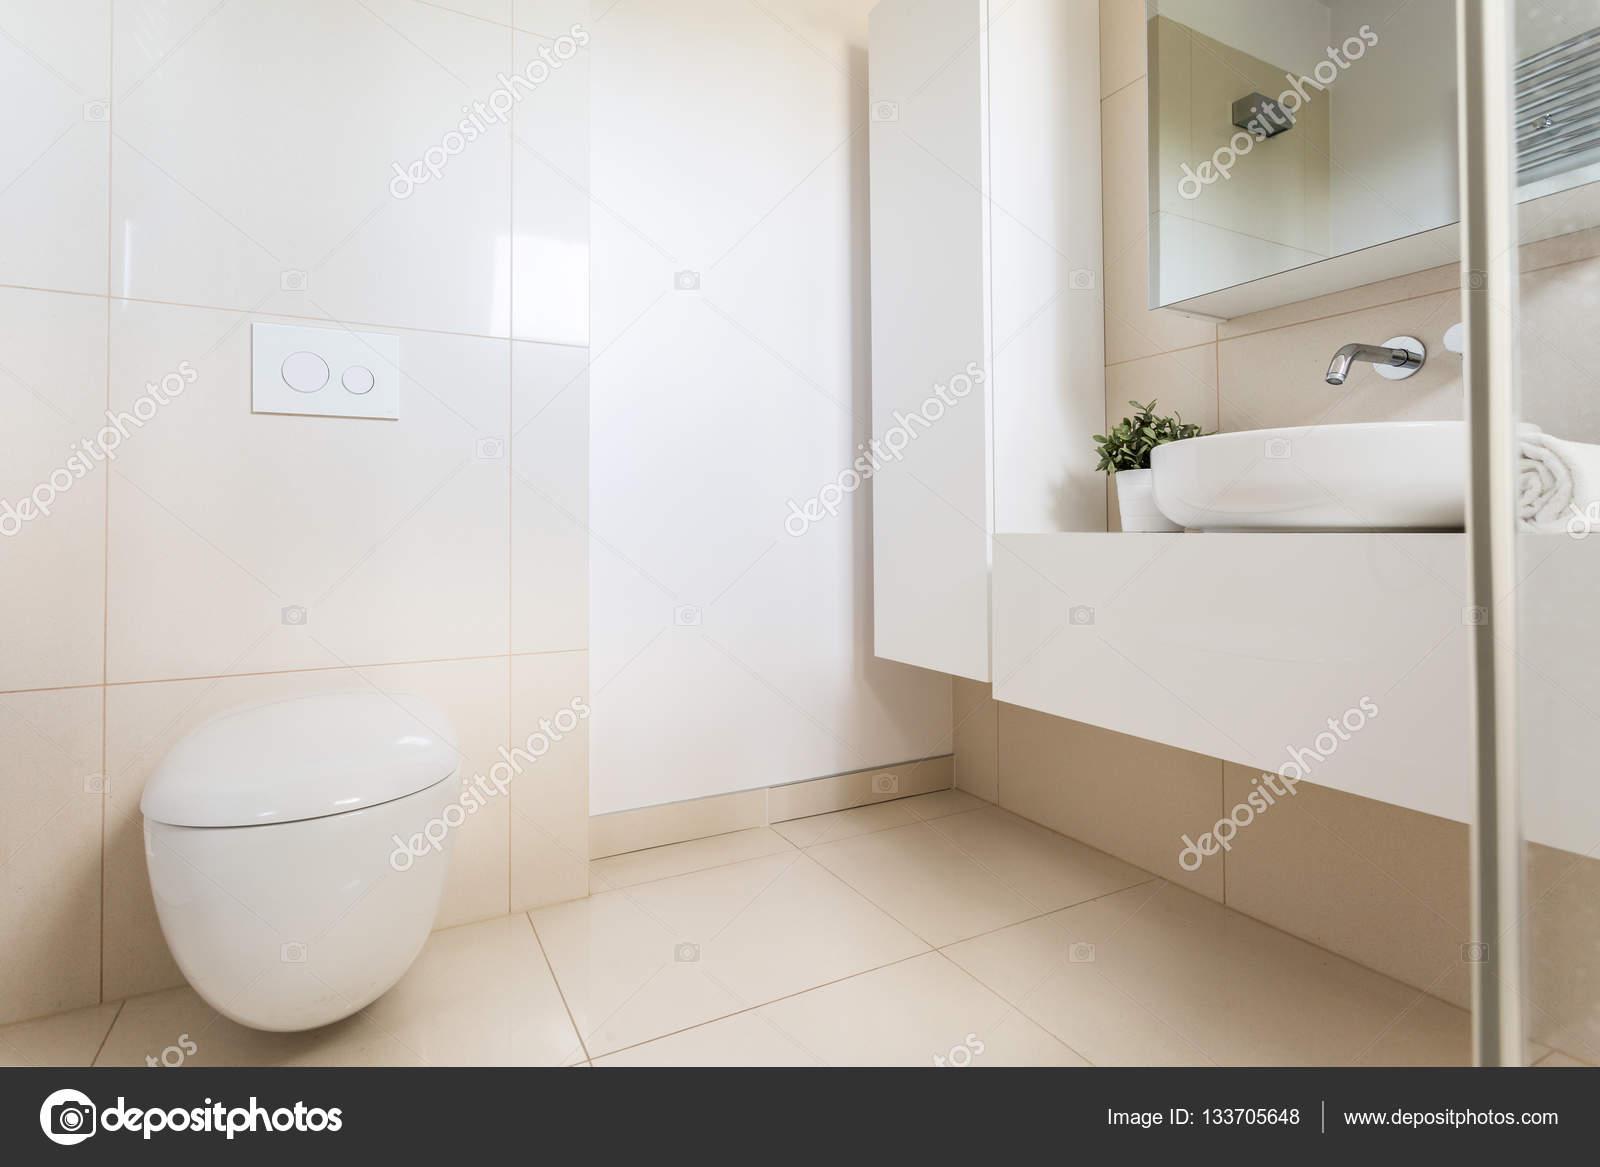 Minimalistische badezimmer mit modernen wc u stockfoto